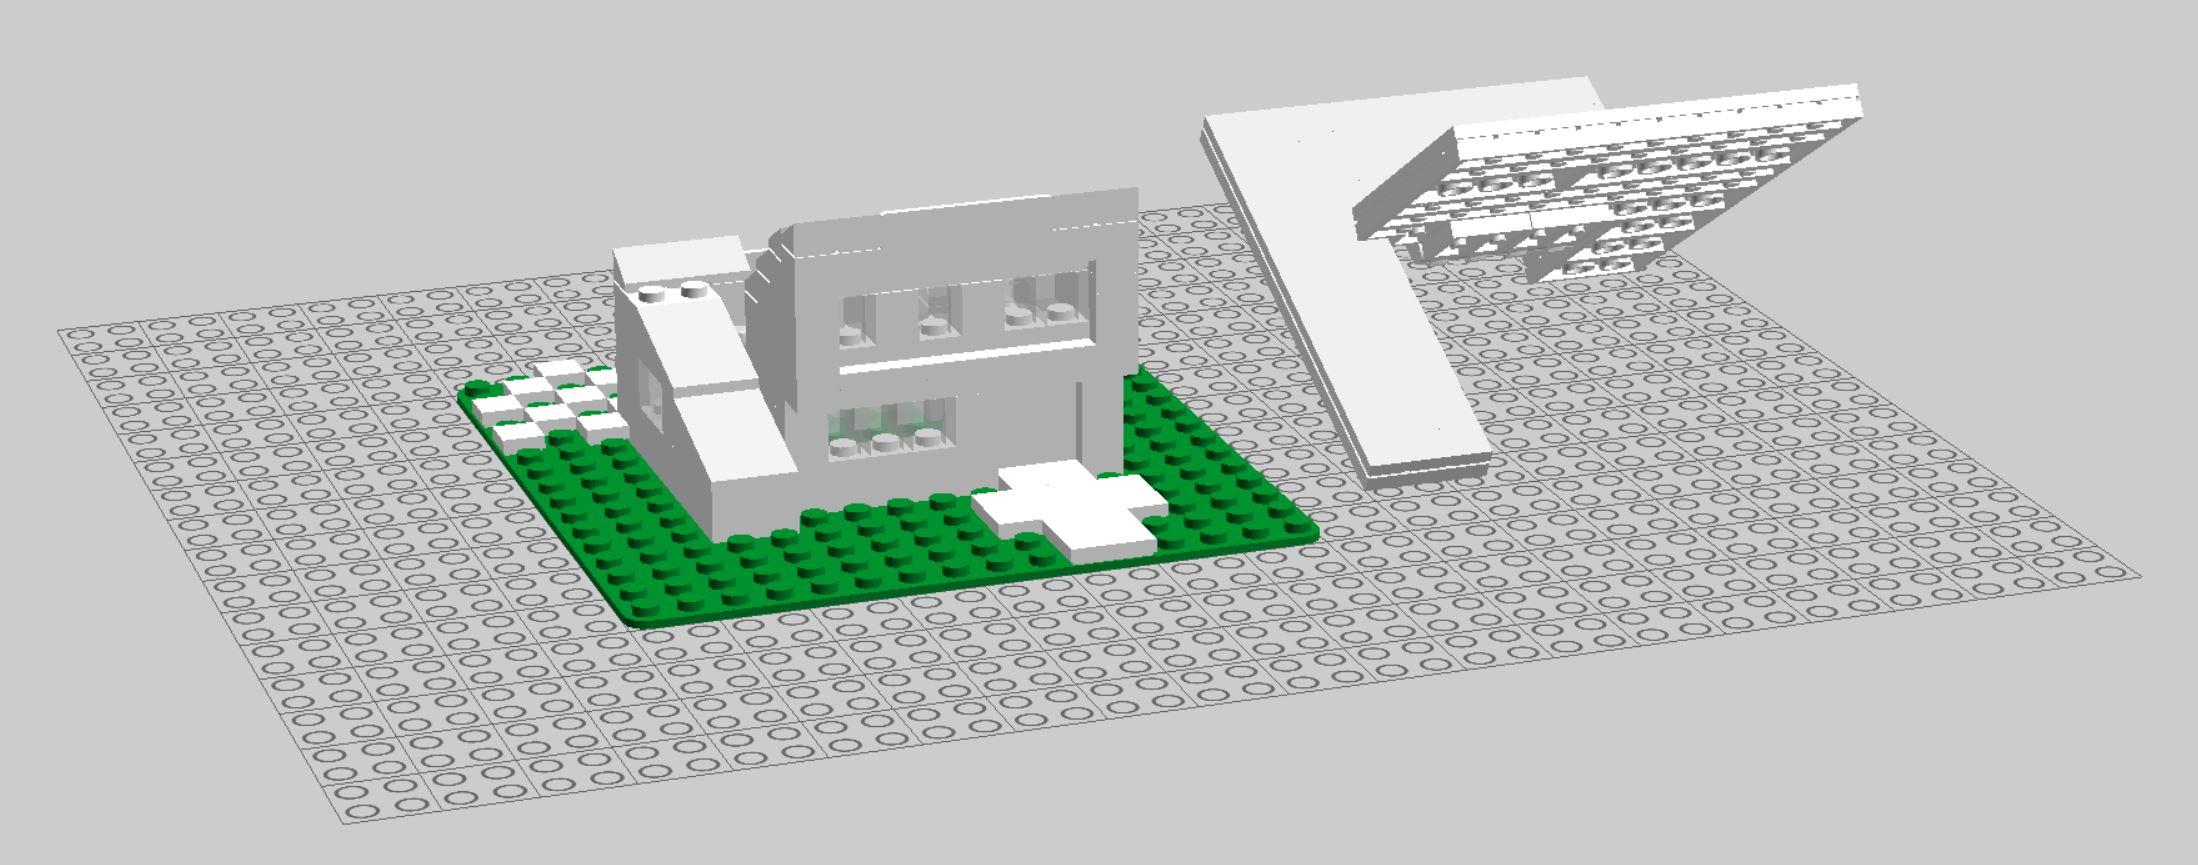 Shed Style House Modeled In Lego Digital Designer